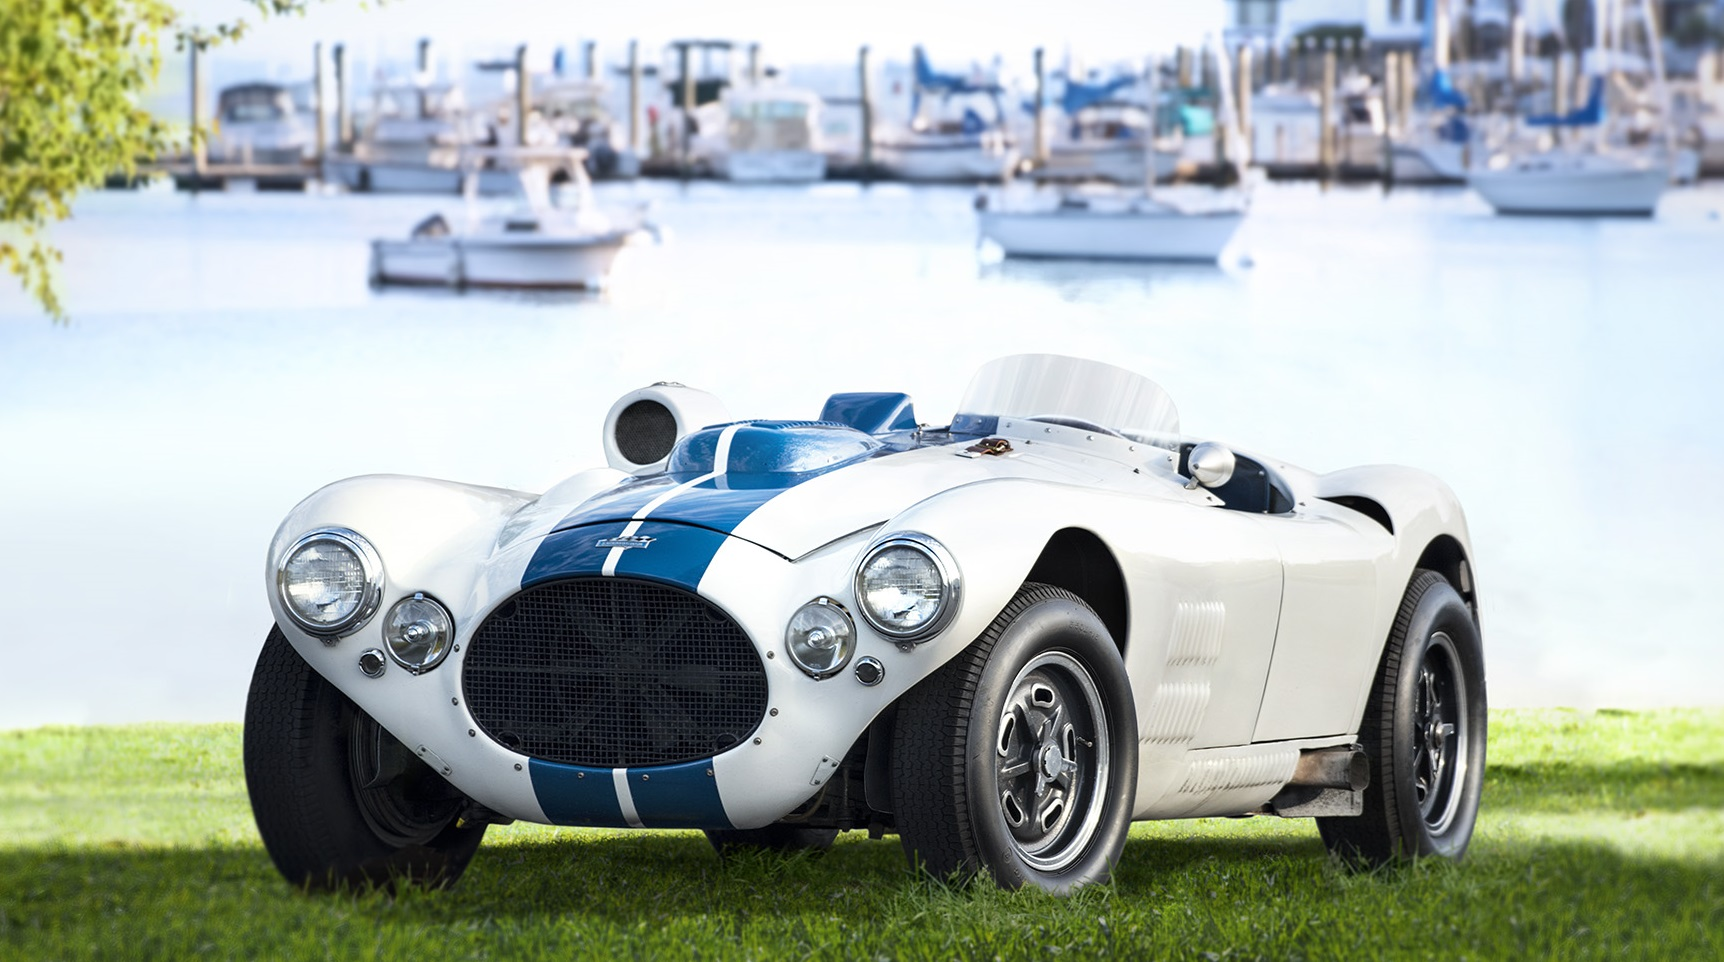 , Amelia Island Concours honors the Jaguar XK-E; Artomobilia expands to Florida, ClassicCars.com Journal